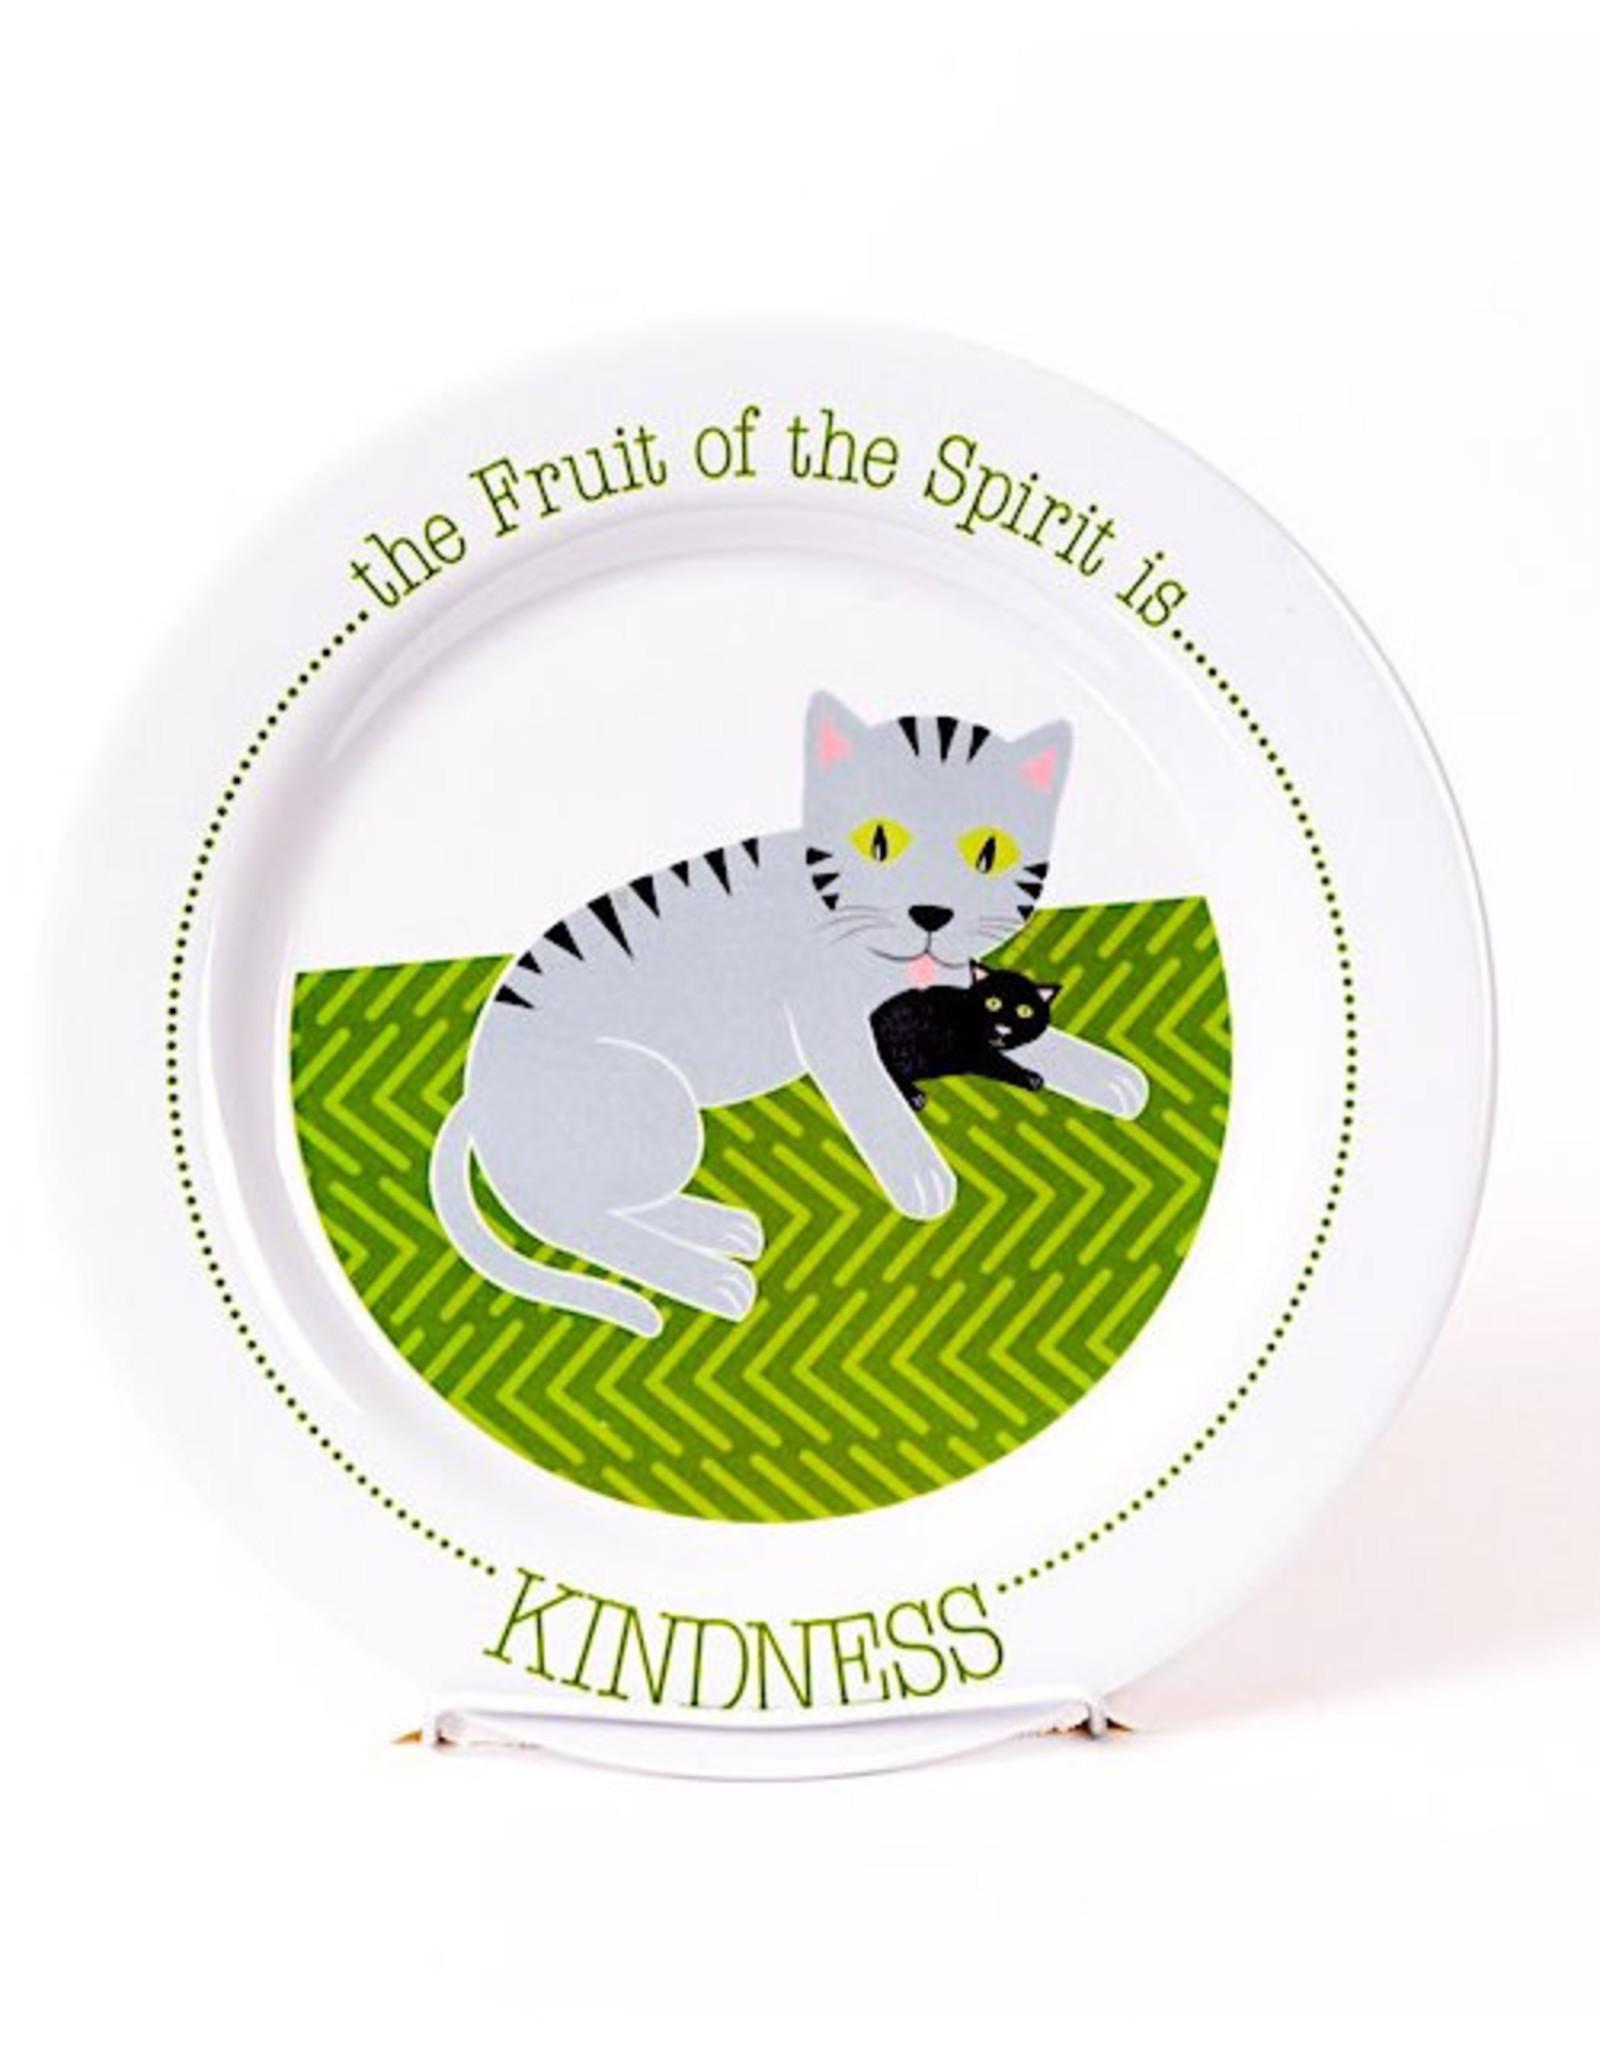 Fruit Full Kids Fruit of the Spirit Plate -